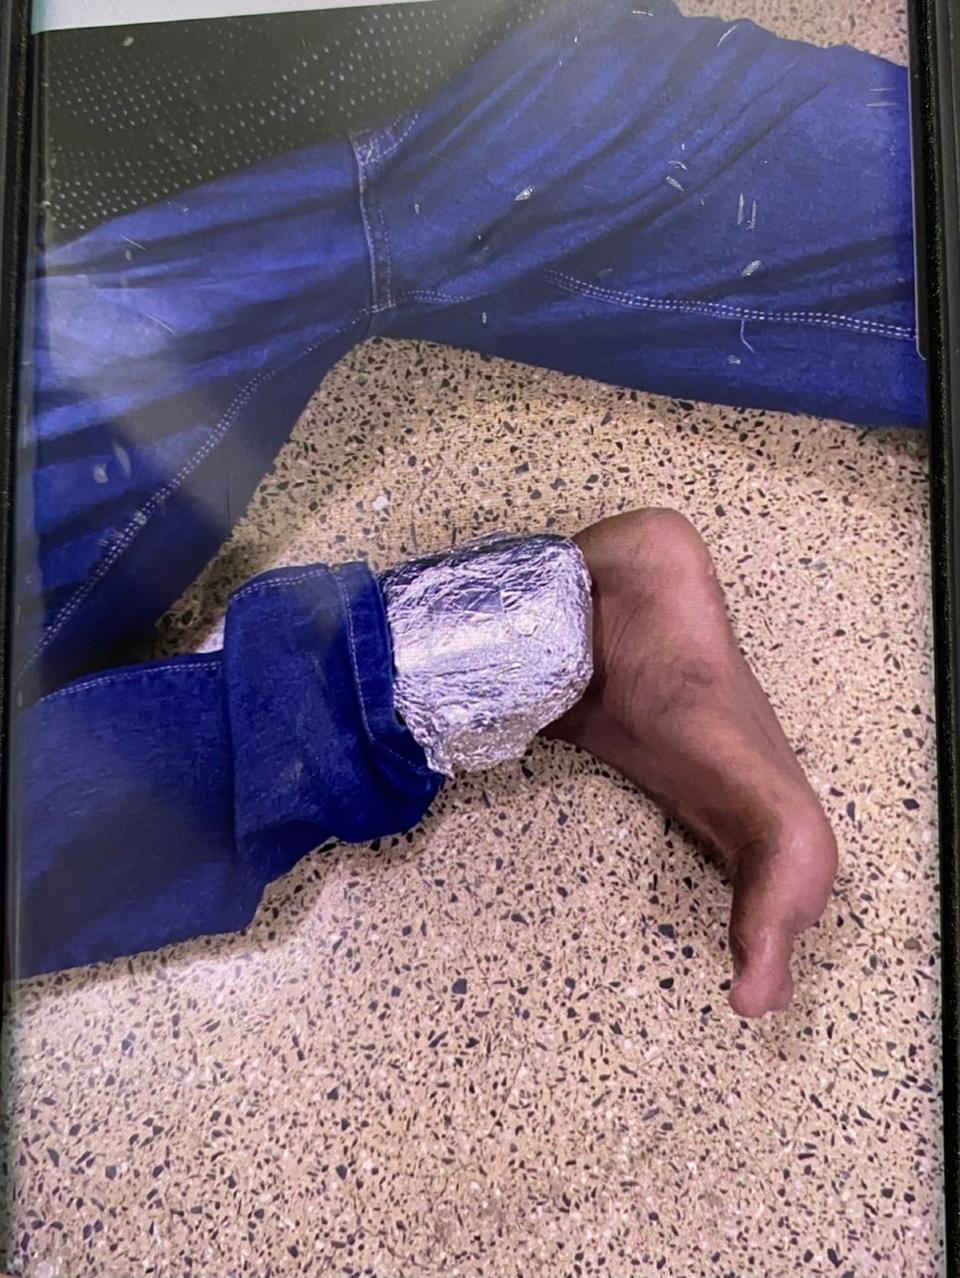 Envolvido em assassinato durante 'salve' tentou mascarar sinal de tornozeleira com papel alumínio